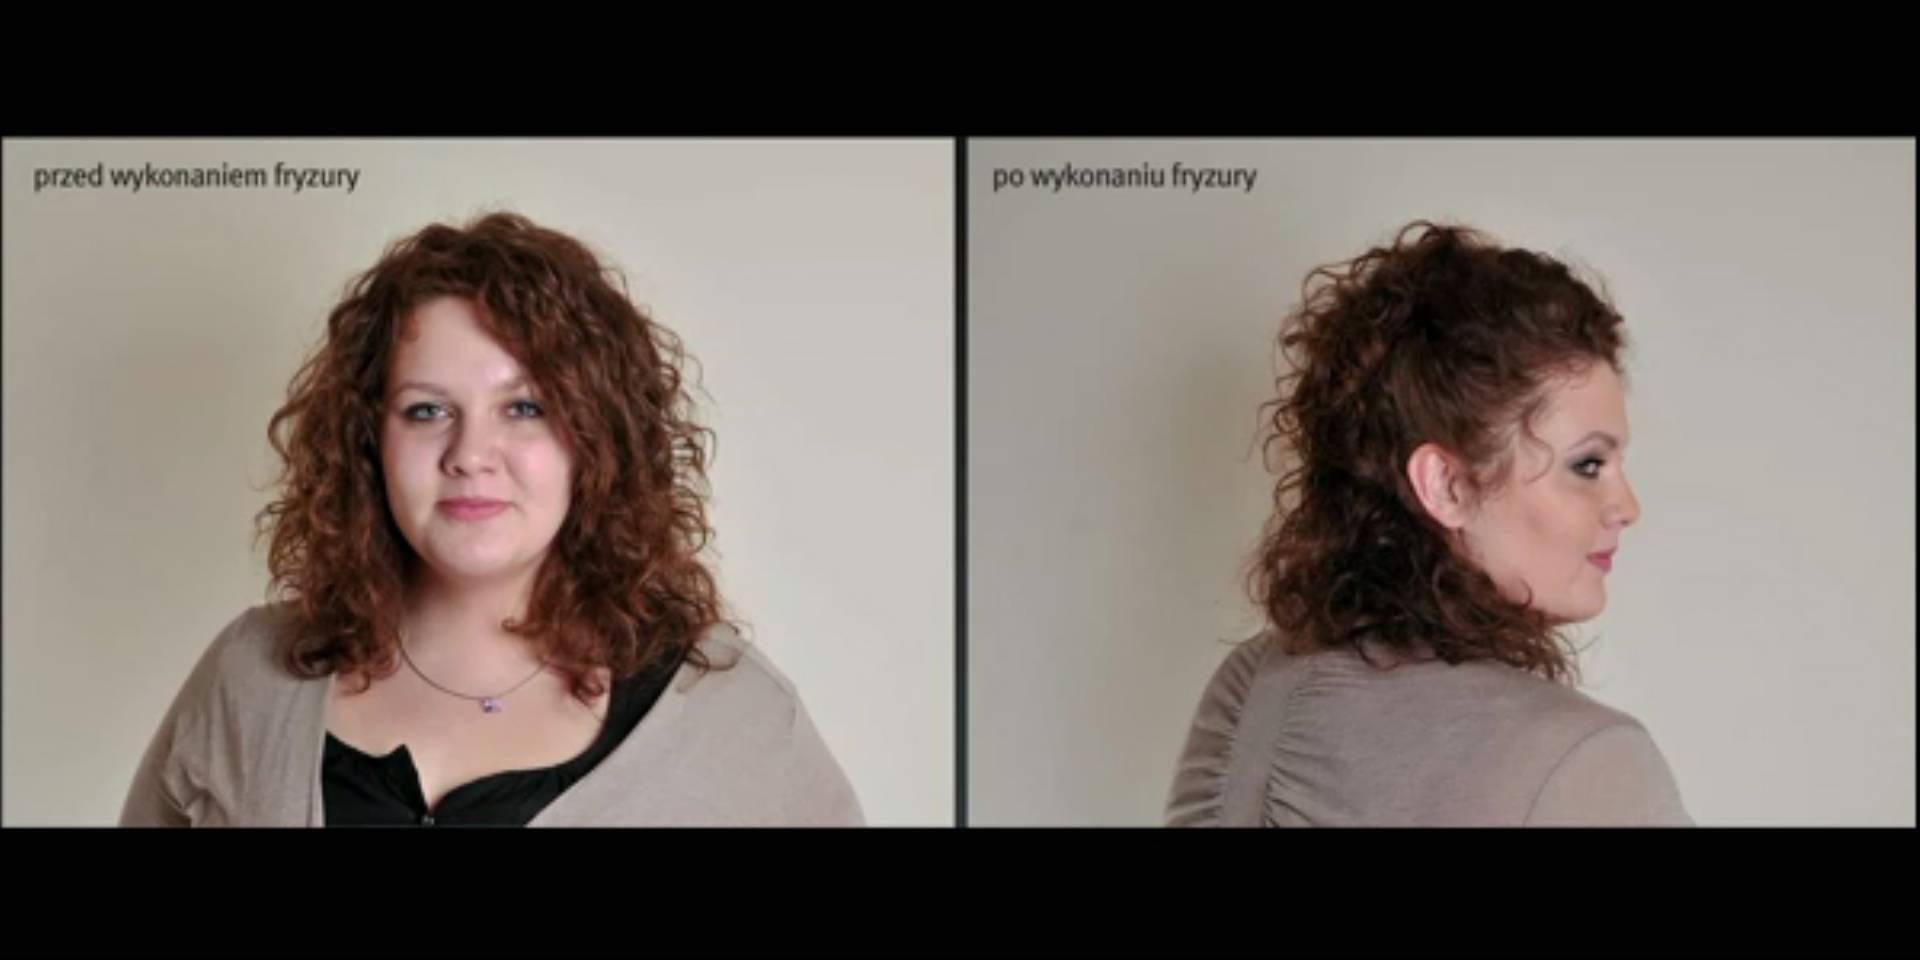 Fryzura Z Kręconych Włosów W Kilka Minut Kobietamagpl